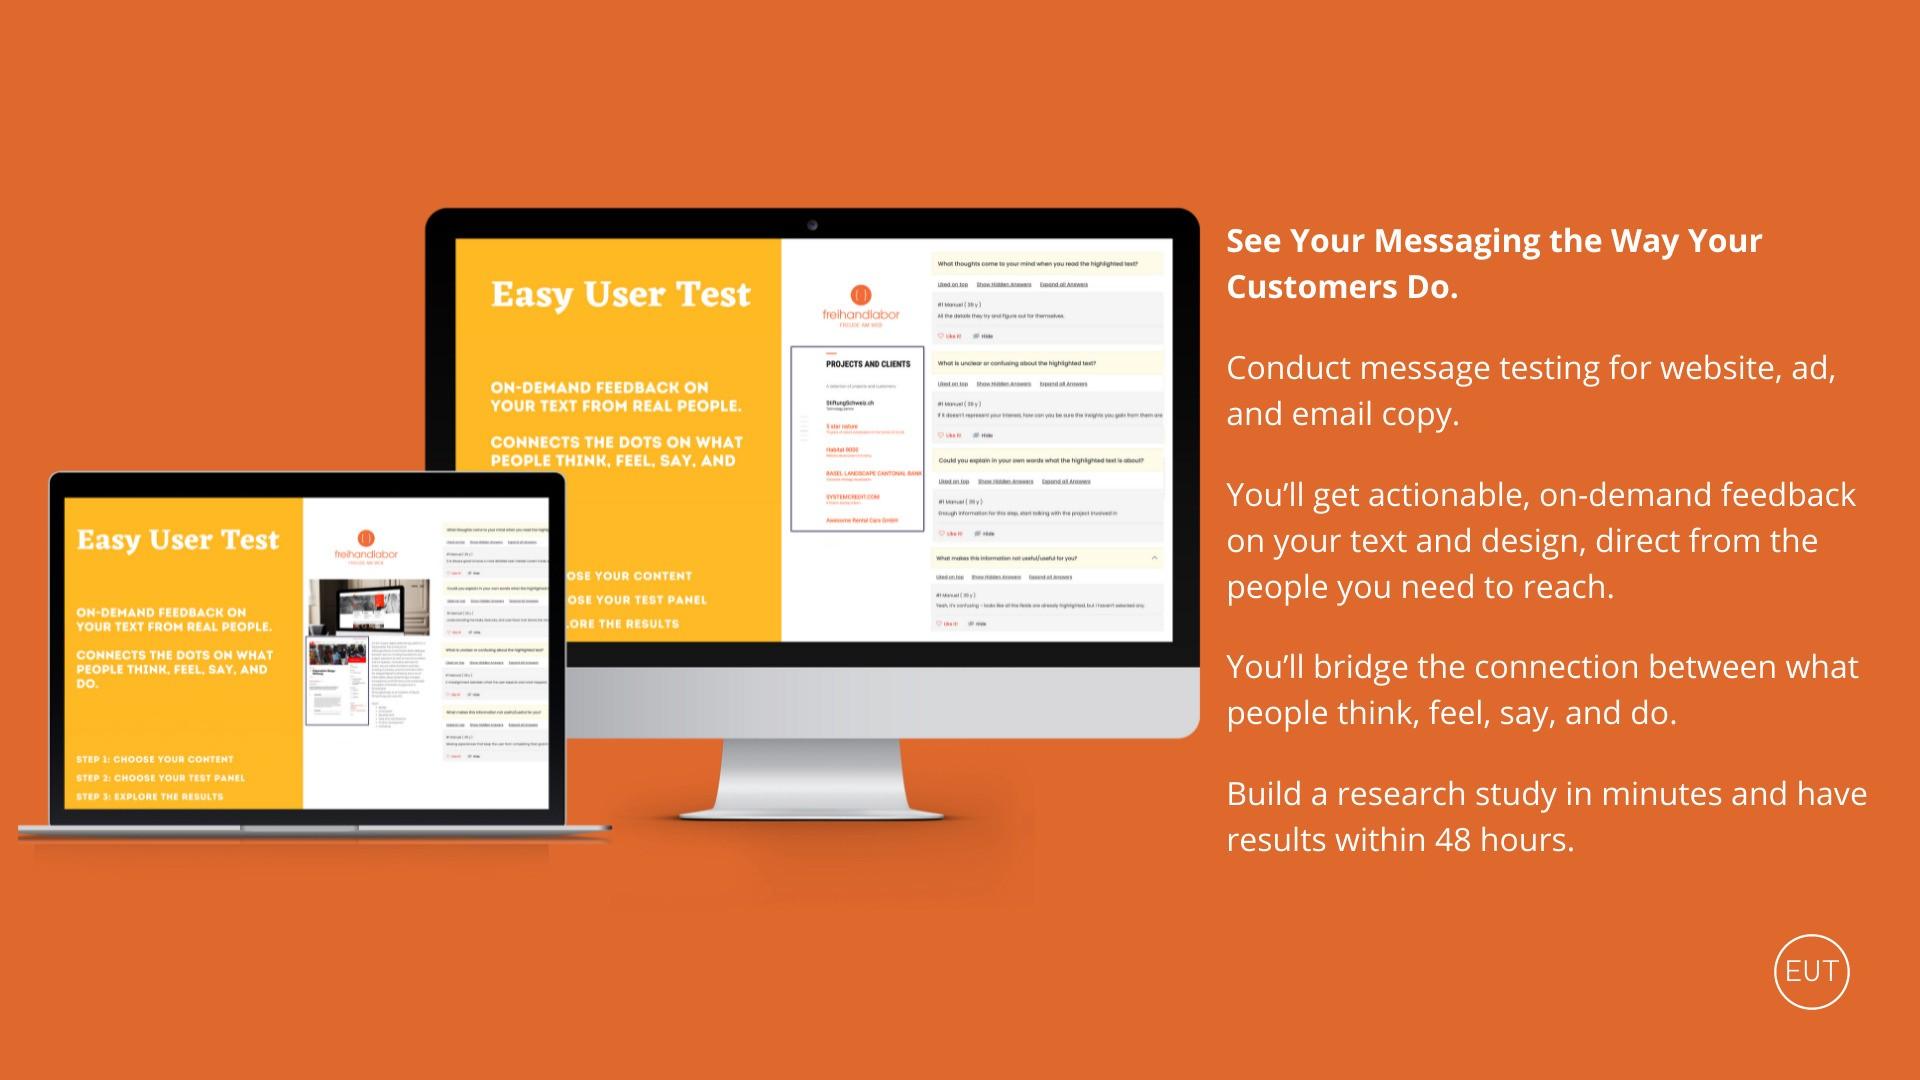 AppSumo Deal for Easy User Test